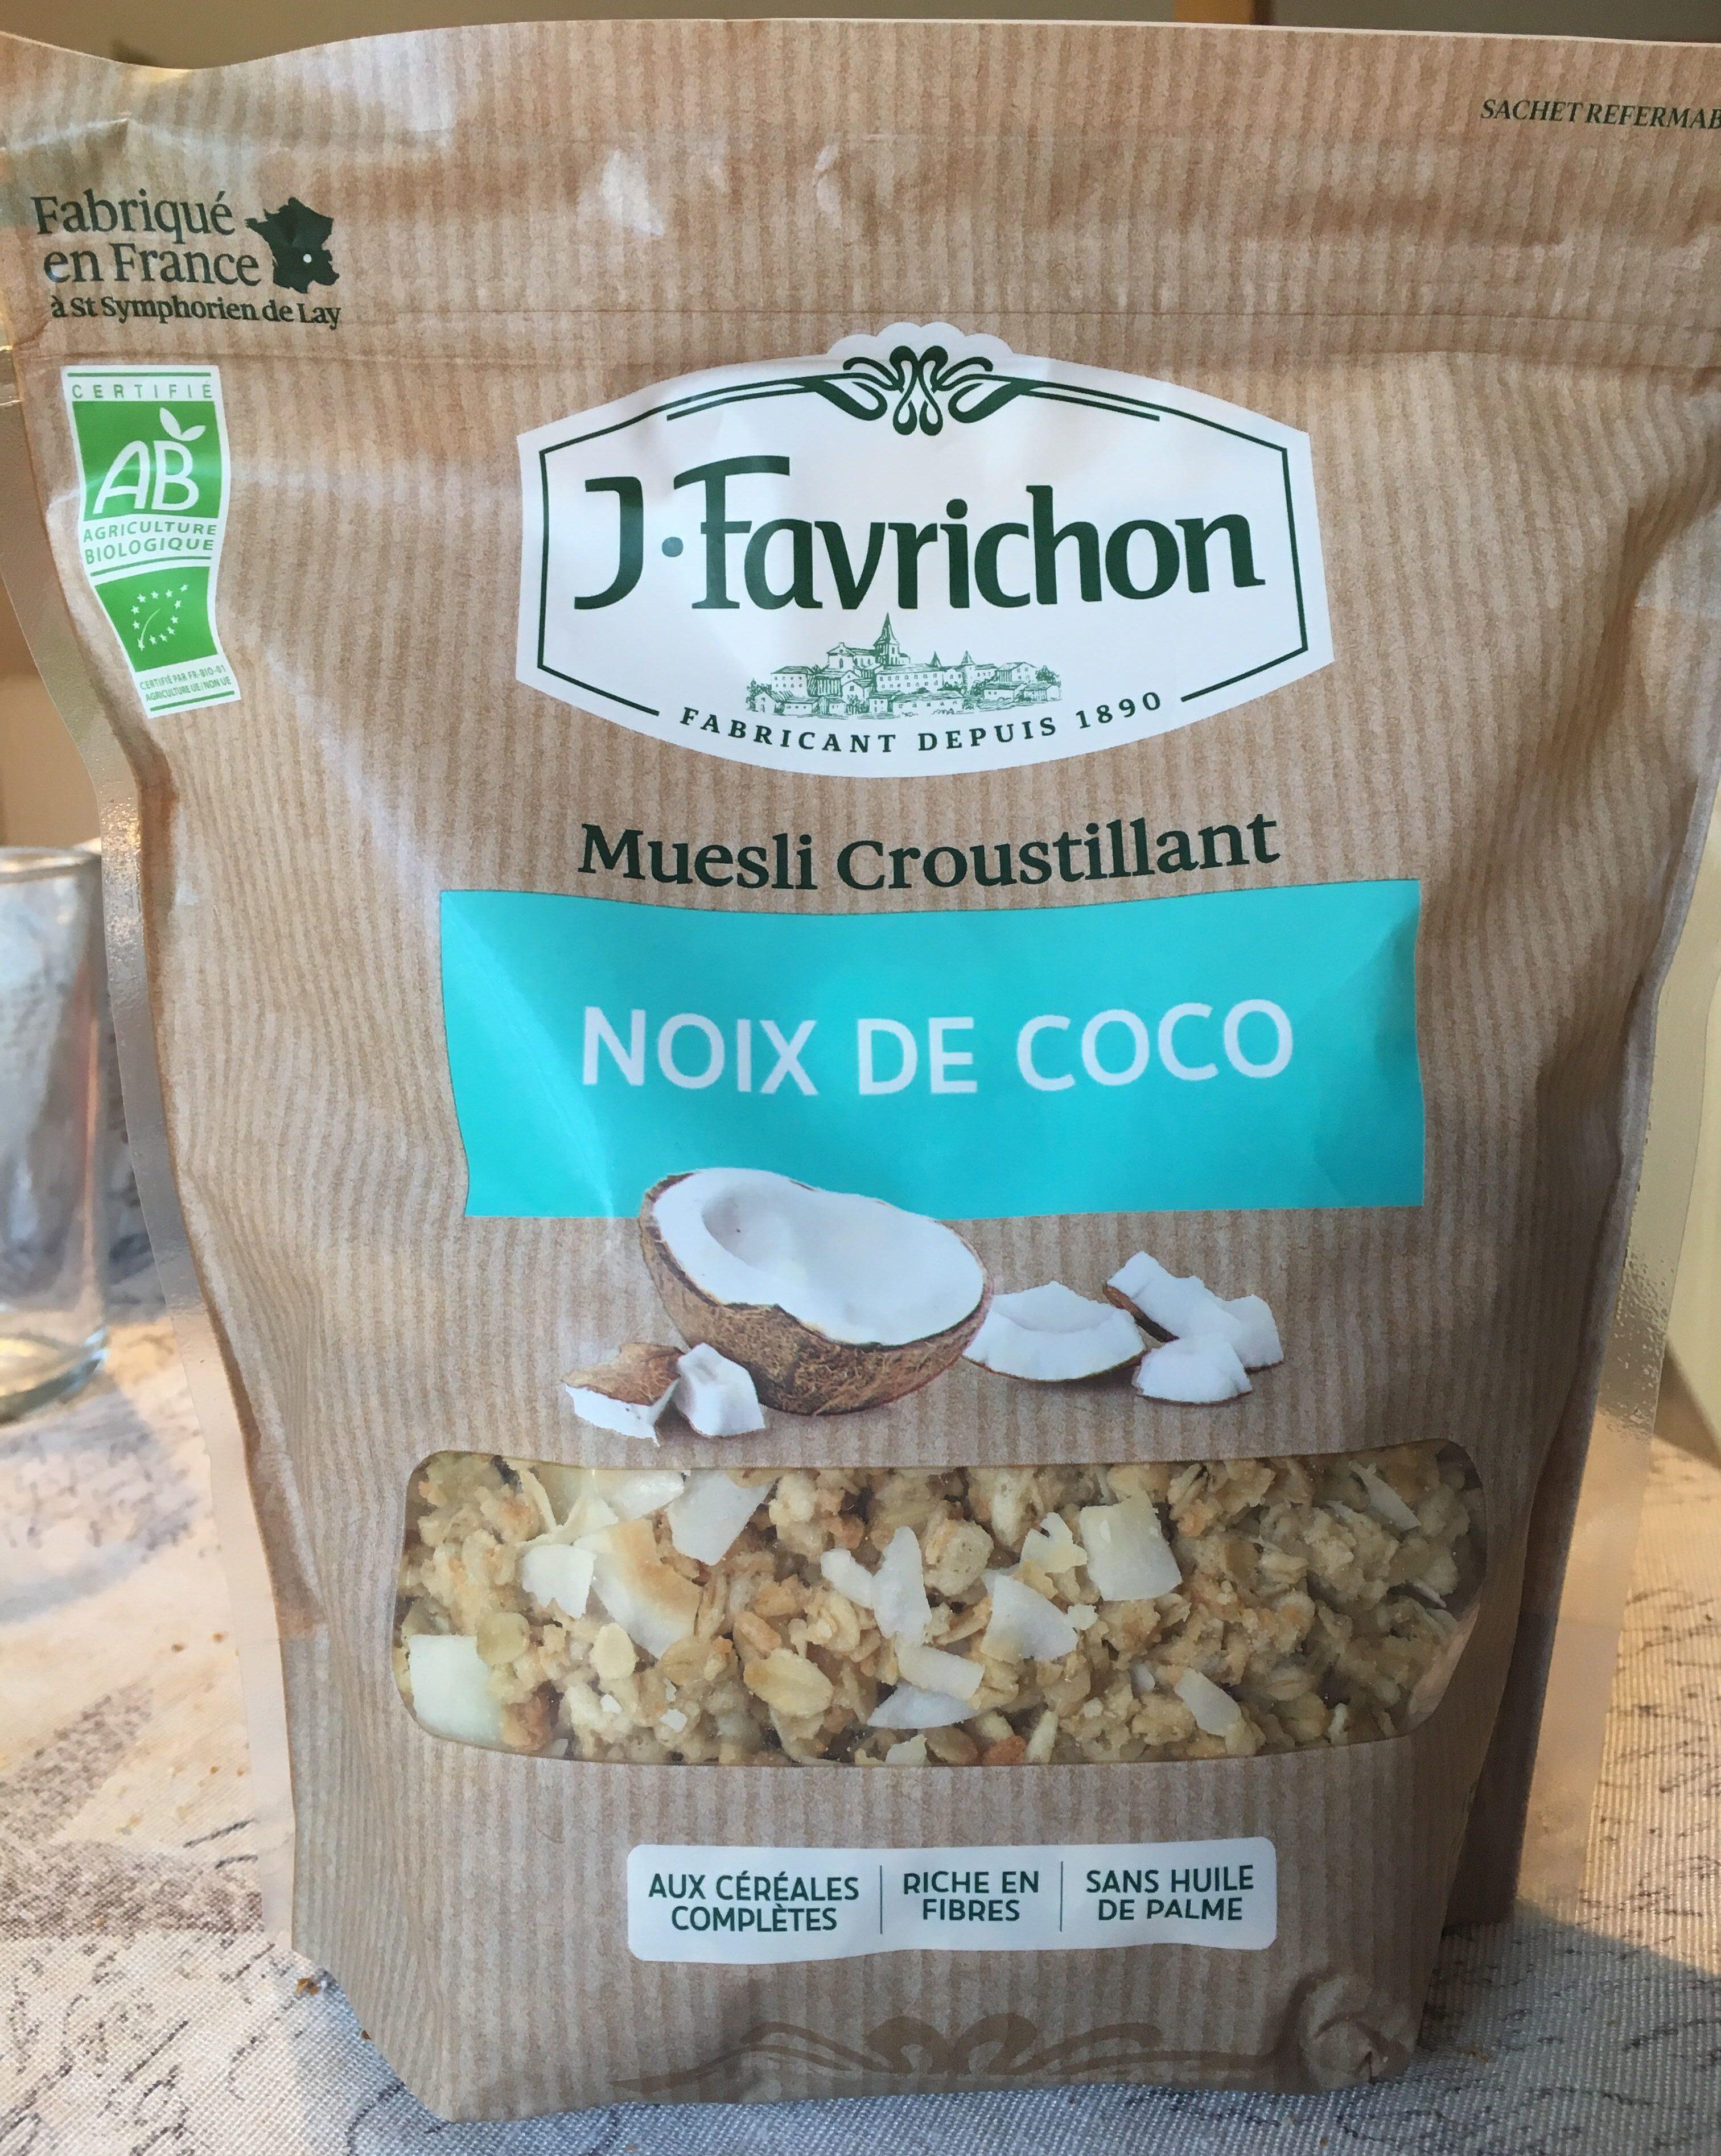 Muesli croustillant noix de coco - Product